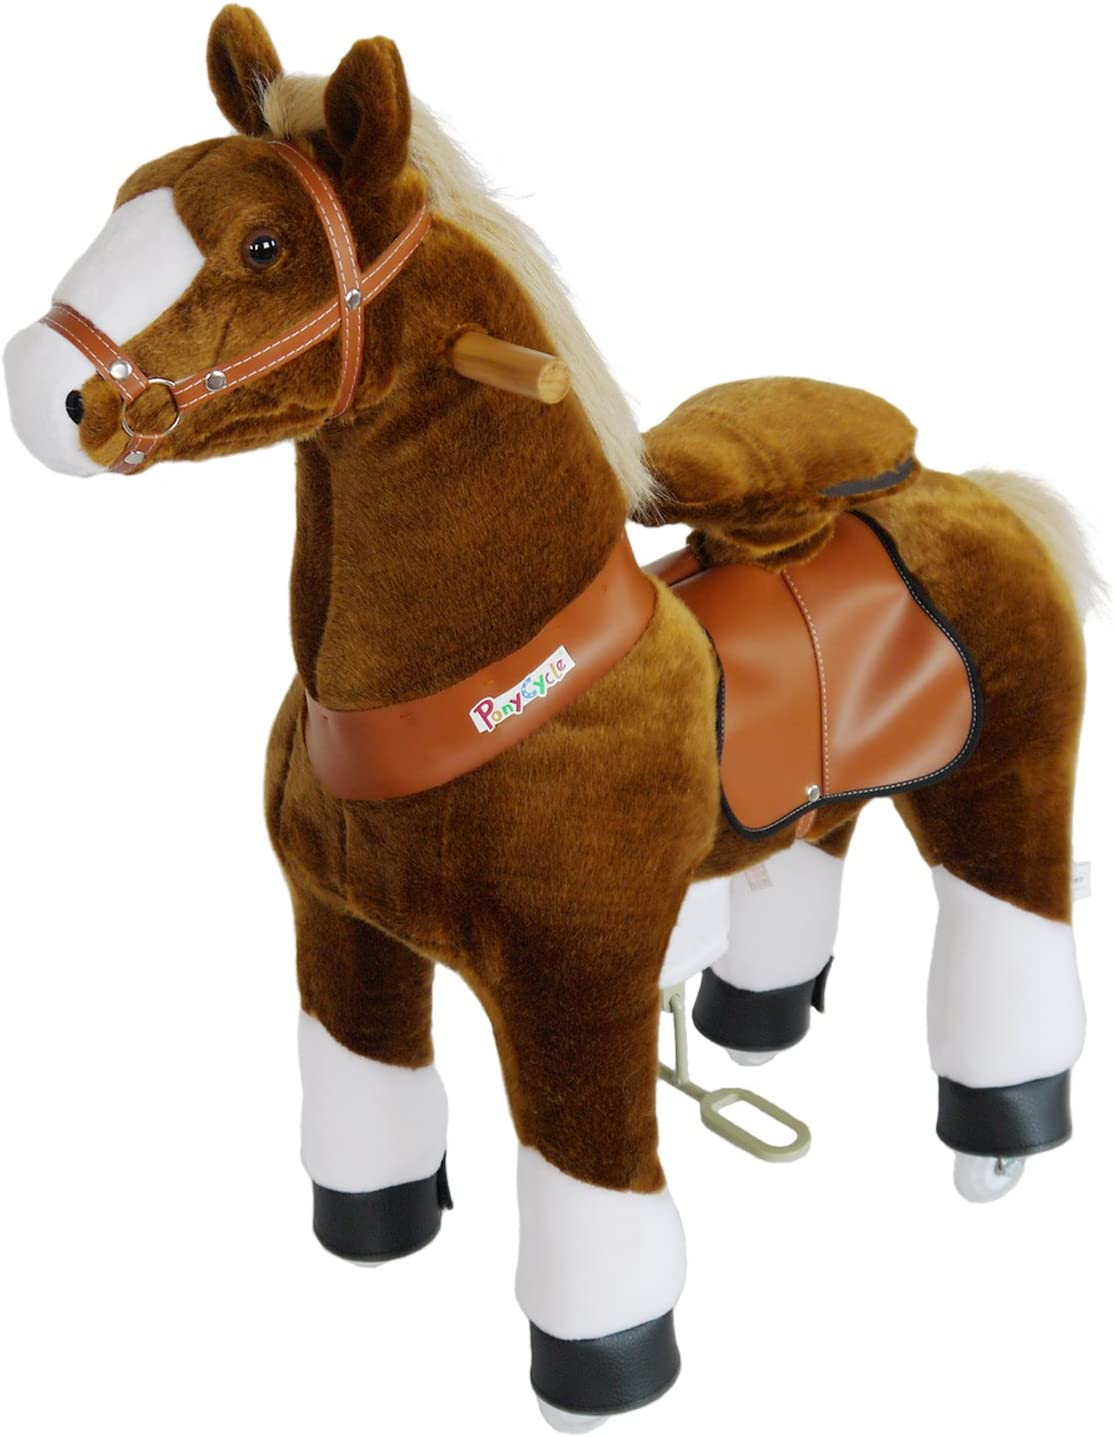 PonyCycle N4151 Juguete de Montar Juguetes de Montar (Apertura por Empuje, Animal para Montar, 4 año(s), 4 Rueda(s), Marrón, Niño)